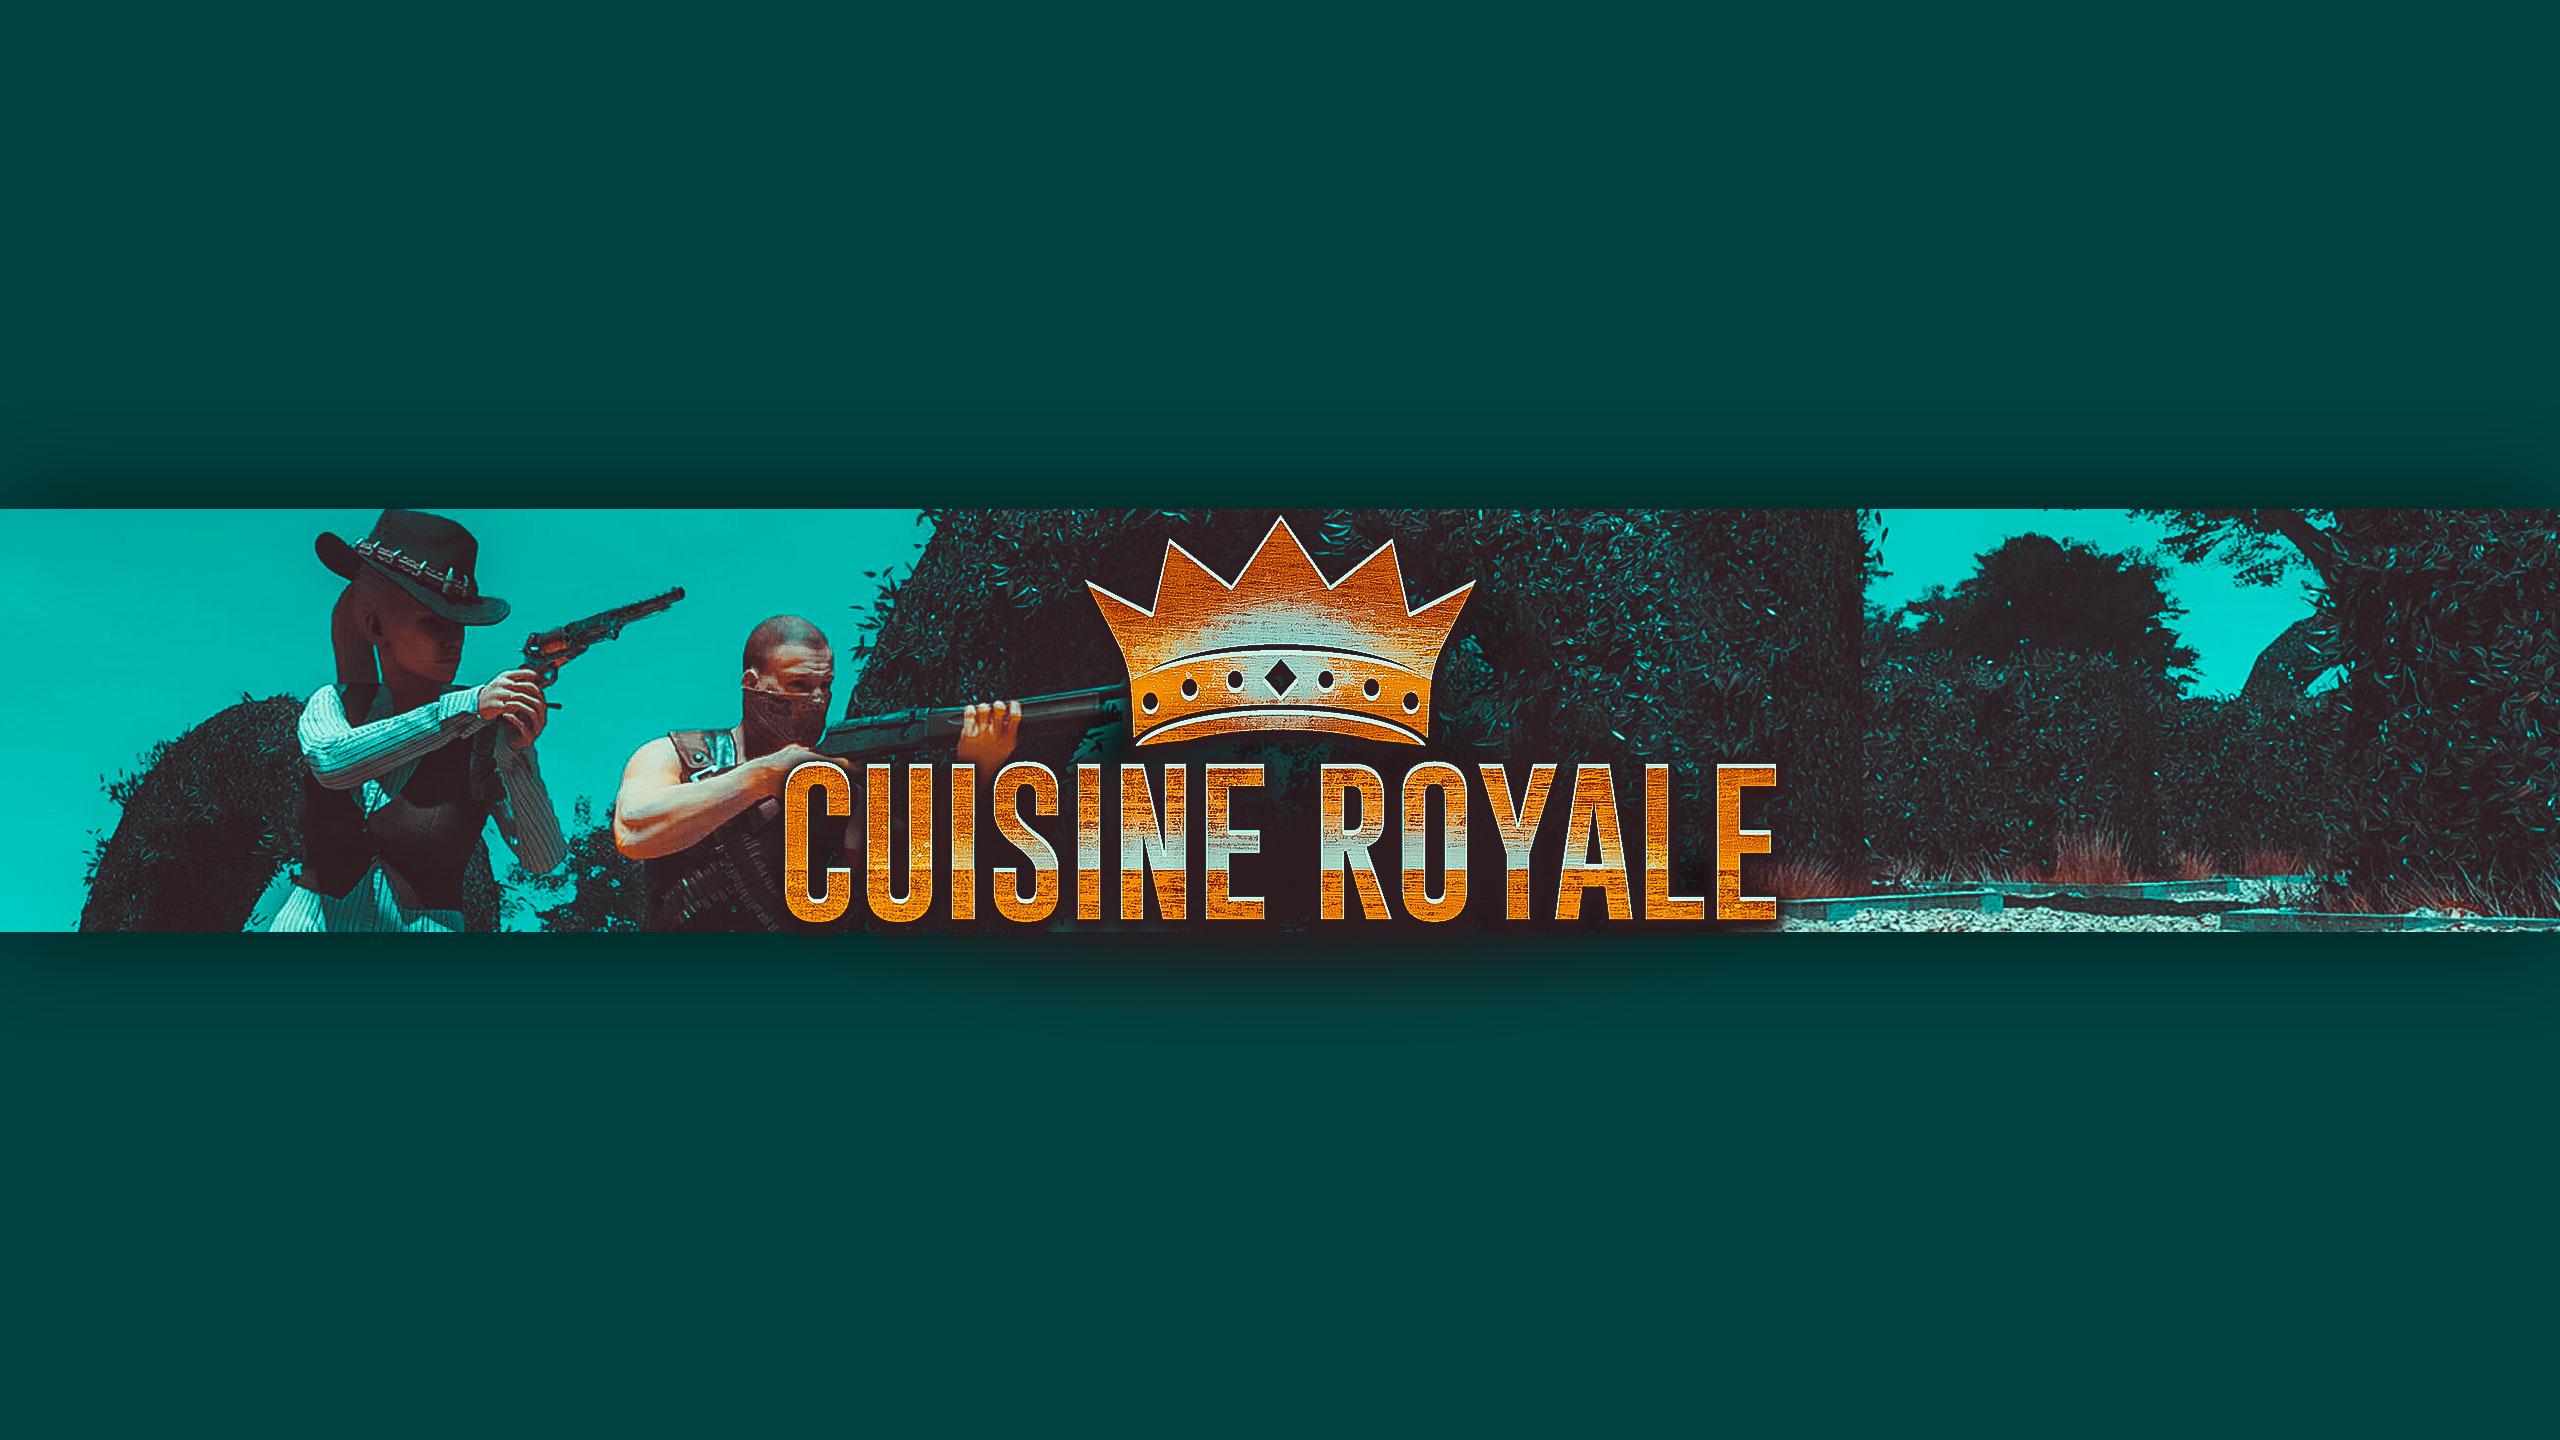 Зеленая шапка для канала с логотипом и надписью Cuisine Royale.